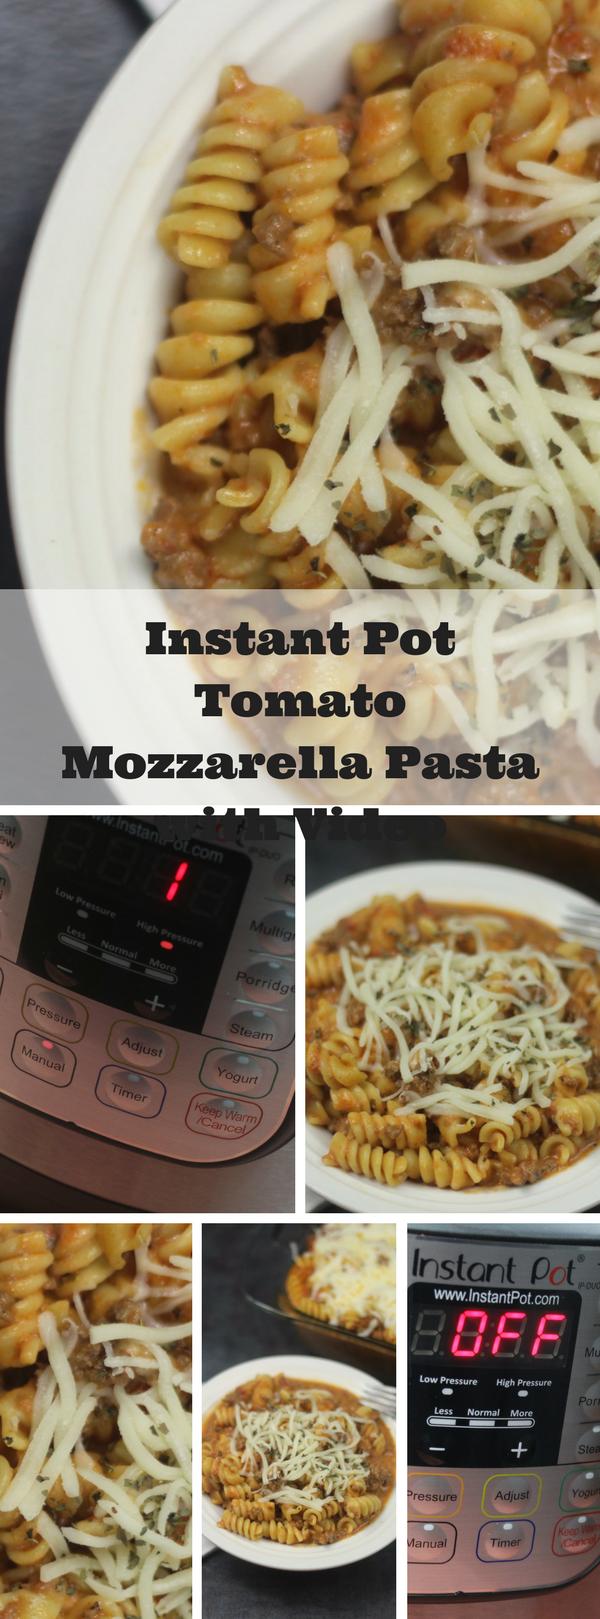 Instant Pot Tomato Mozzarella Pasta with Video